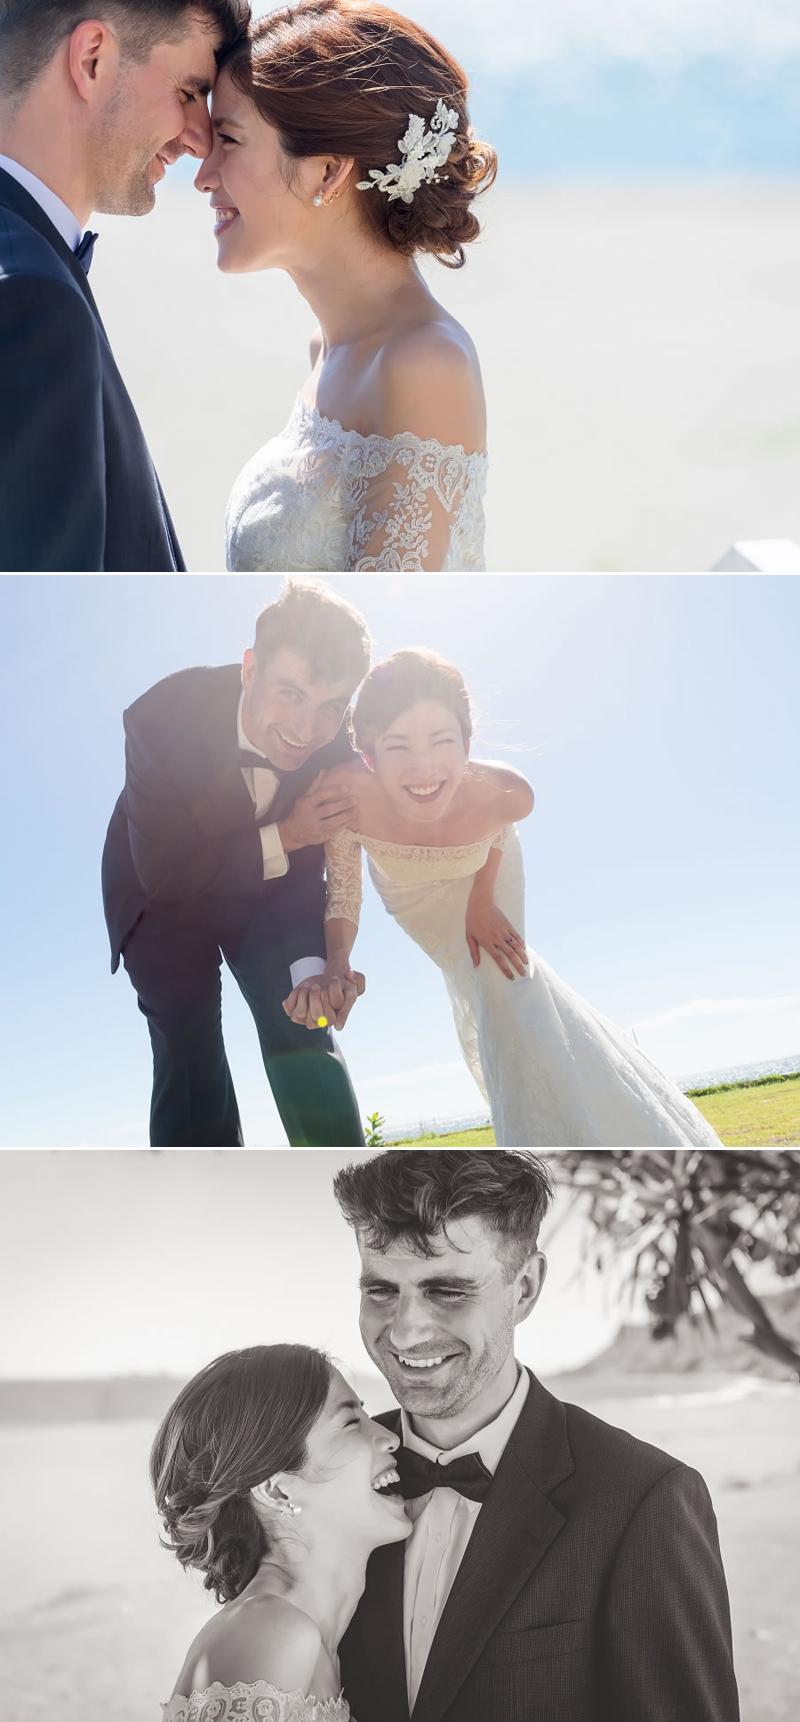 攝影師專訪|西子灣 海洋風 美式婚禮 戶外婚禮 - 婚攝 Roger Wu, Maggie & Jon